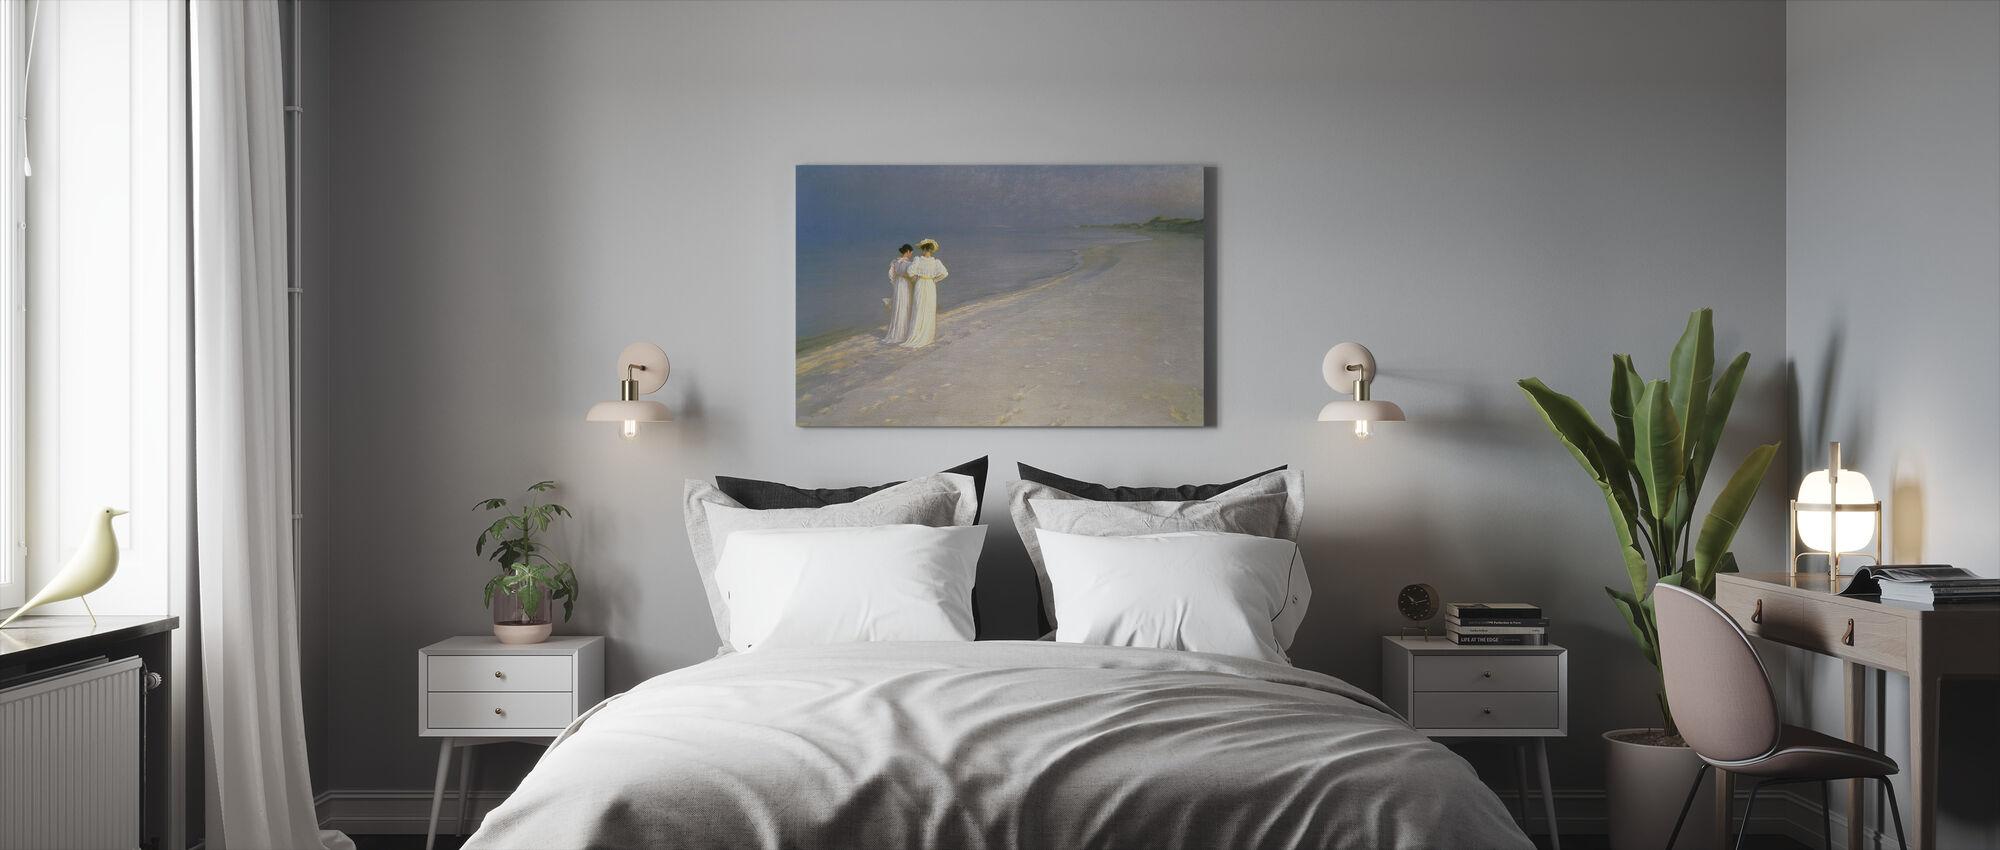 Kesäilta Skagenin etelärannalla Anna Ancherin ja Marie Kroyerin kanssa - Peder Severin Kroyerin kanssa - Canvastaulu - Makuuhuone